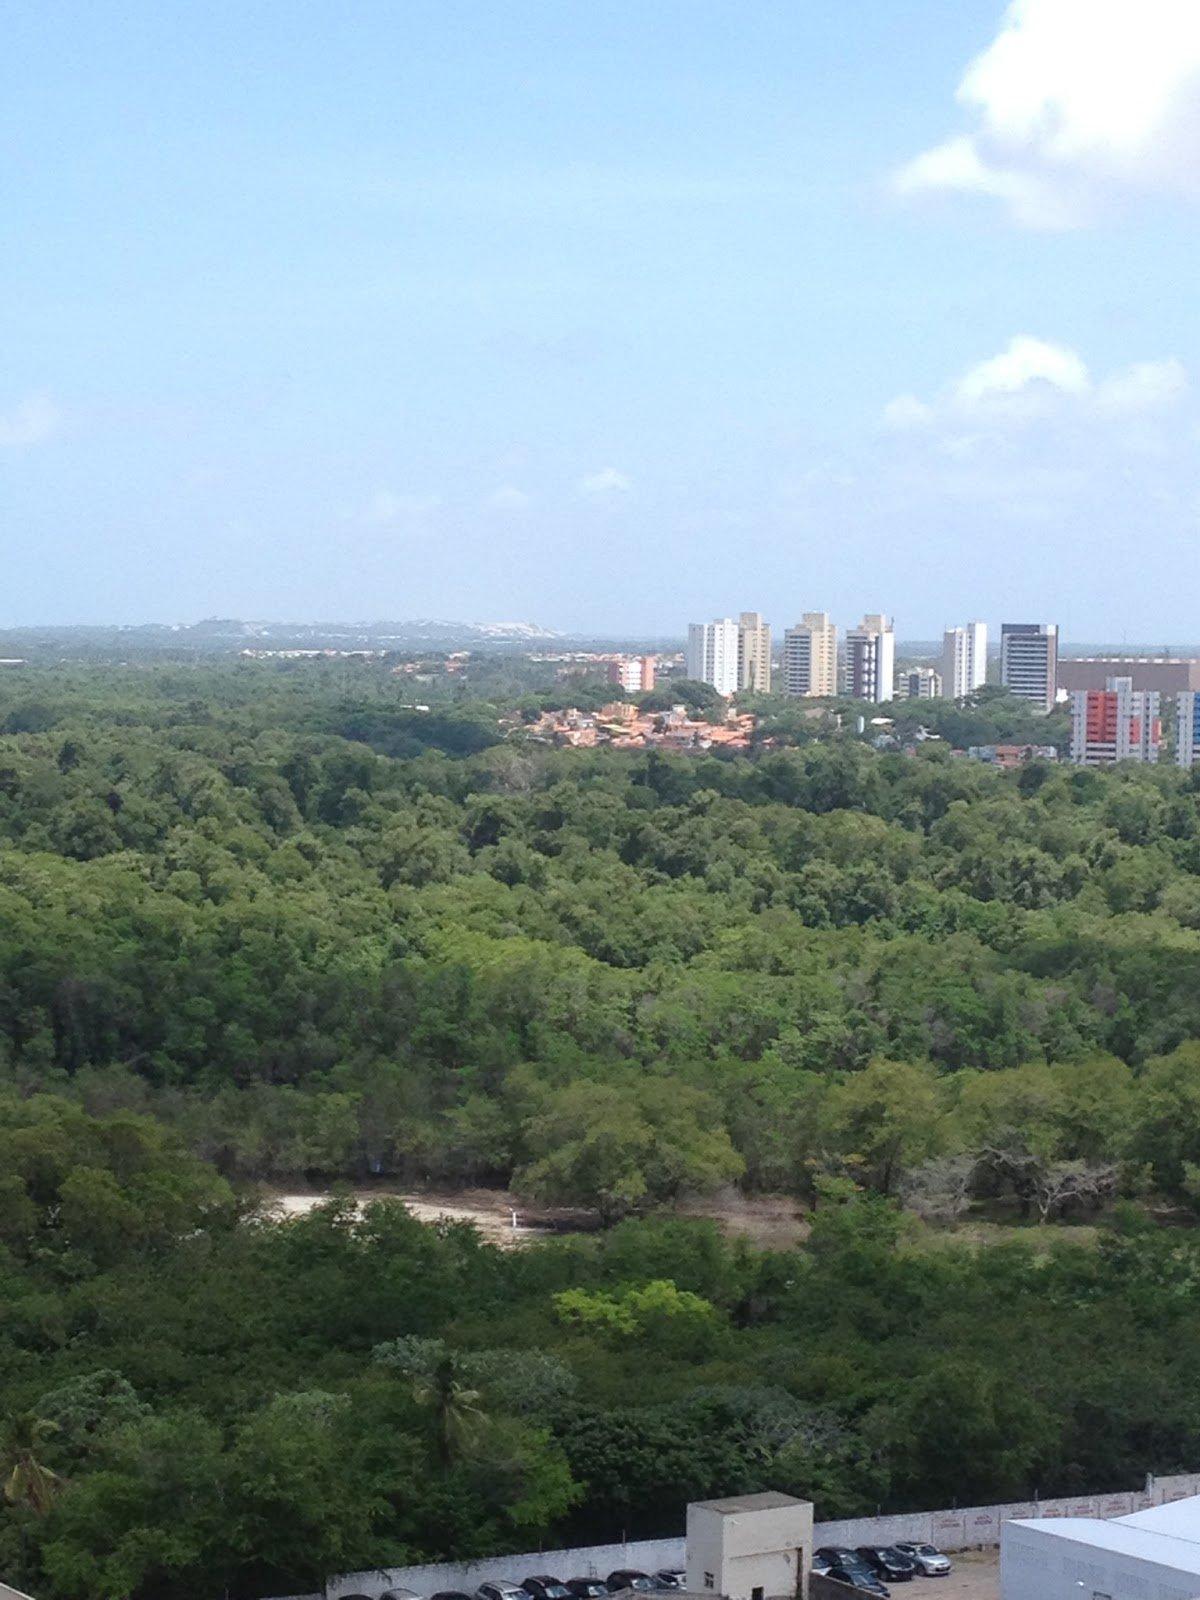 O secretário estadual do Meio Ambiente, Artur Bruno, coordenou hoje (4), a primeira reunião com as lideranças comunitárias que vivem no entorno do Cocó. Além da reunião de hoje, deverão ser realizadas três audiências públicas para debater a regulamentação do parque. A primeira deverá ser nesta sexta-feira (6), às 14h30, na Assembleia Legislativa. Outras duas foram definidas com os líderes comunitários envolvendo s moradores da Sabiaguaba, Tancredo Neves, Cidade 2000 e Cordeiro